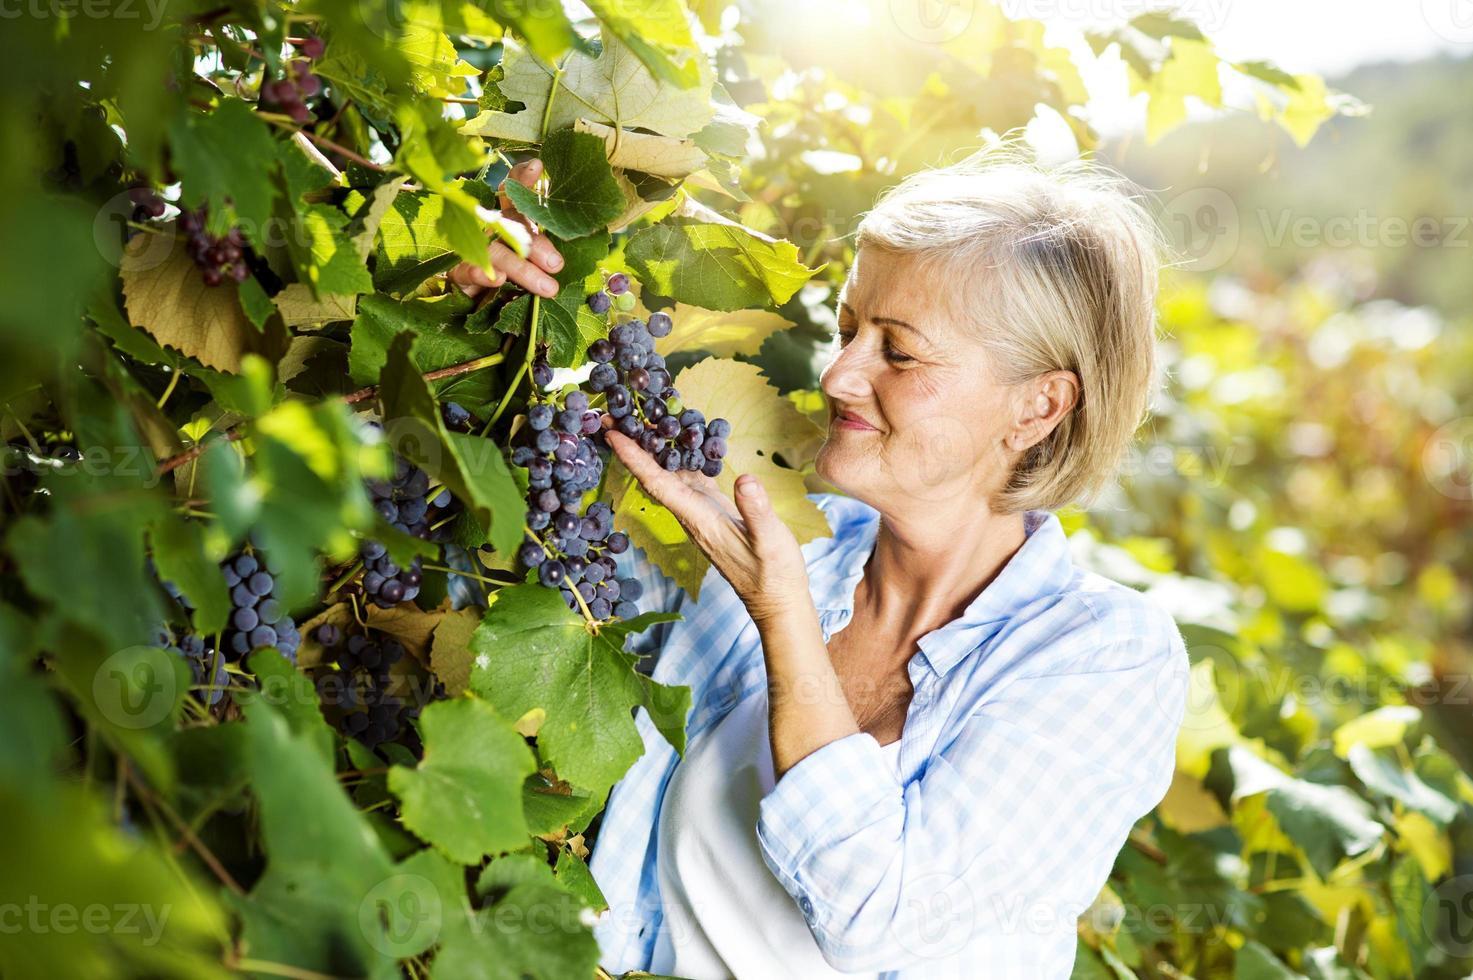 donna raccolta dell'uva foto